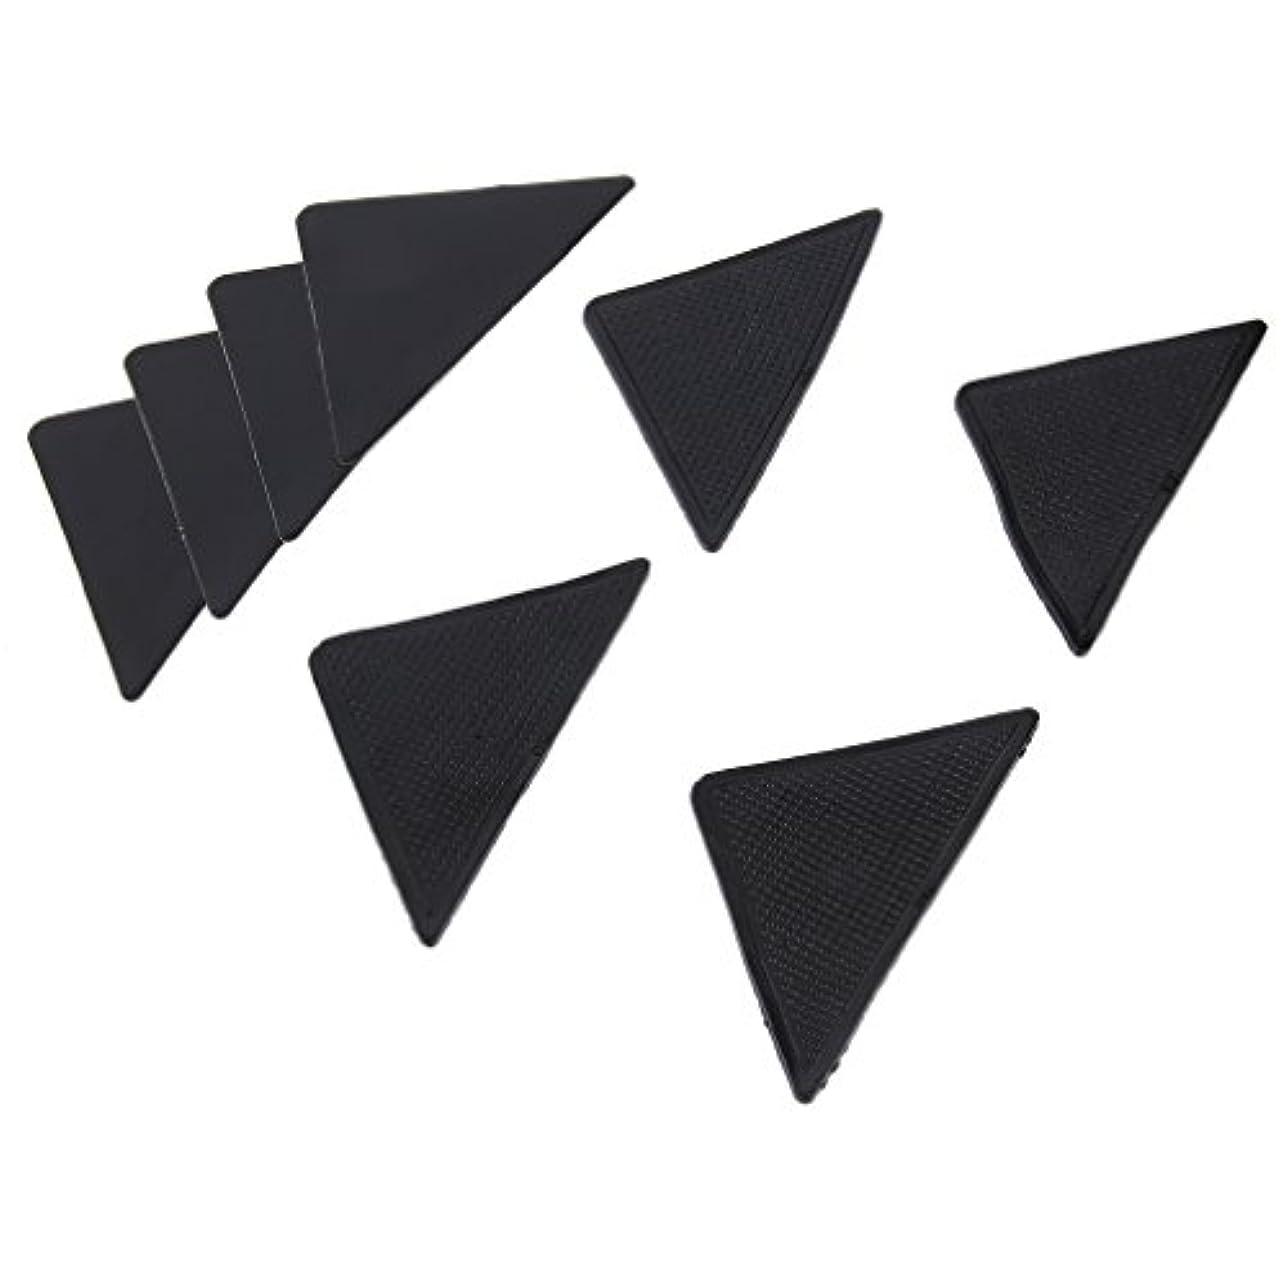 マントル公爵酸っぱい4 pcs Rug Carpet Mat Grippers Non Slip Anti Skid Reusable Silicone Grip Pads